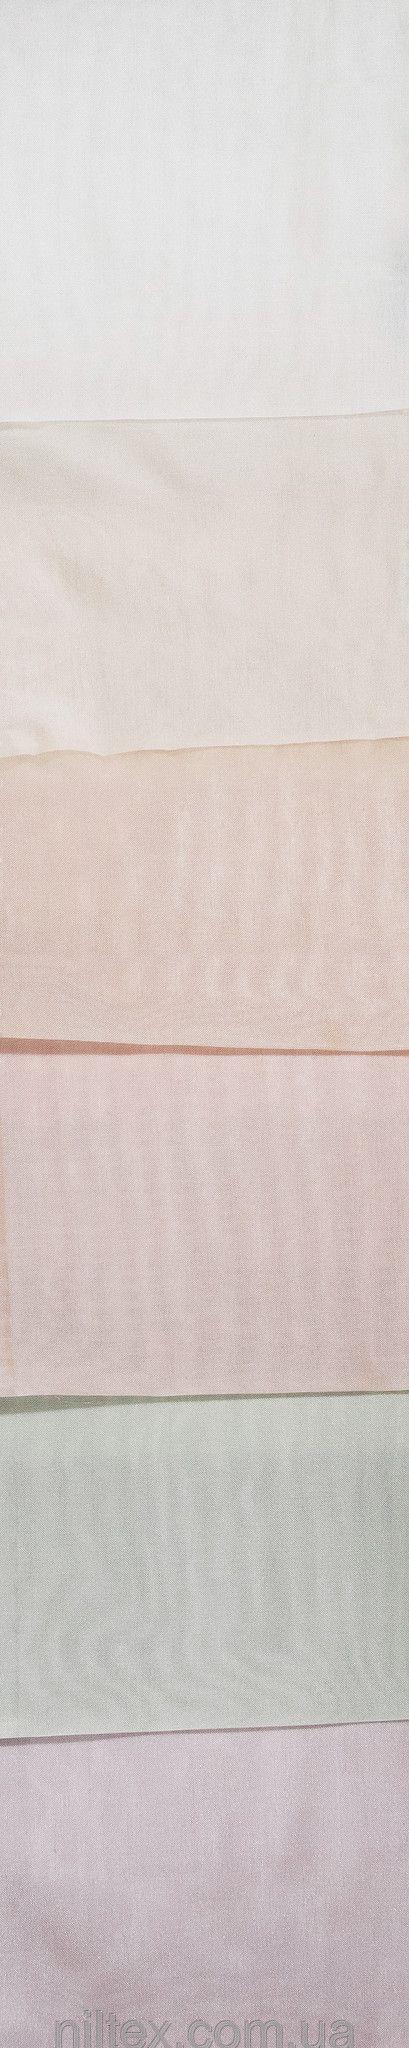 """Тюль MELINDA: продажа, цена в Киеве. гардины от """"Ткани для штор. Интернет-магазин тканей (шоу-рум)"""" - 259122553"""